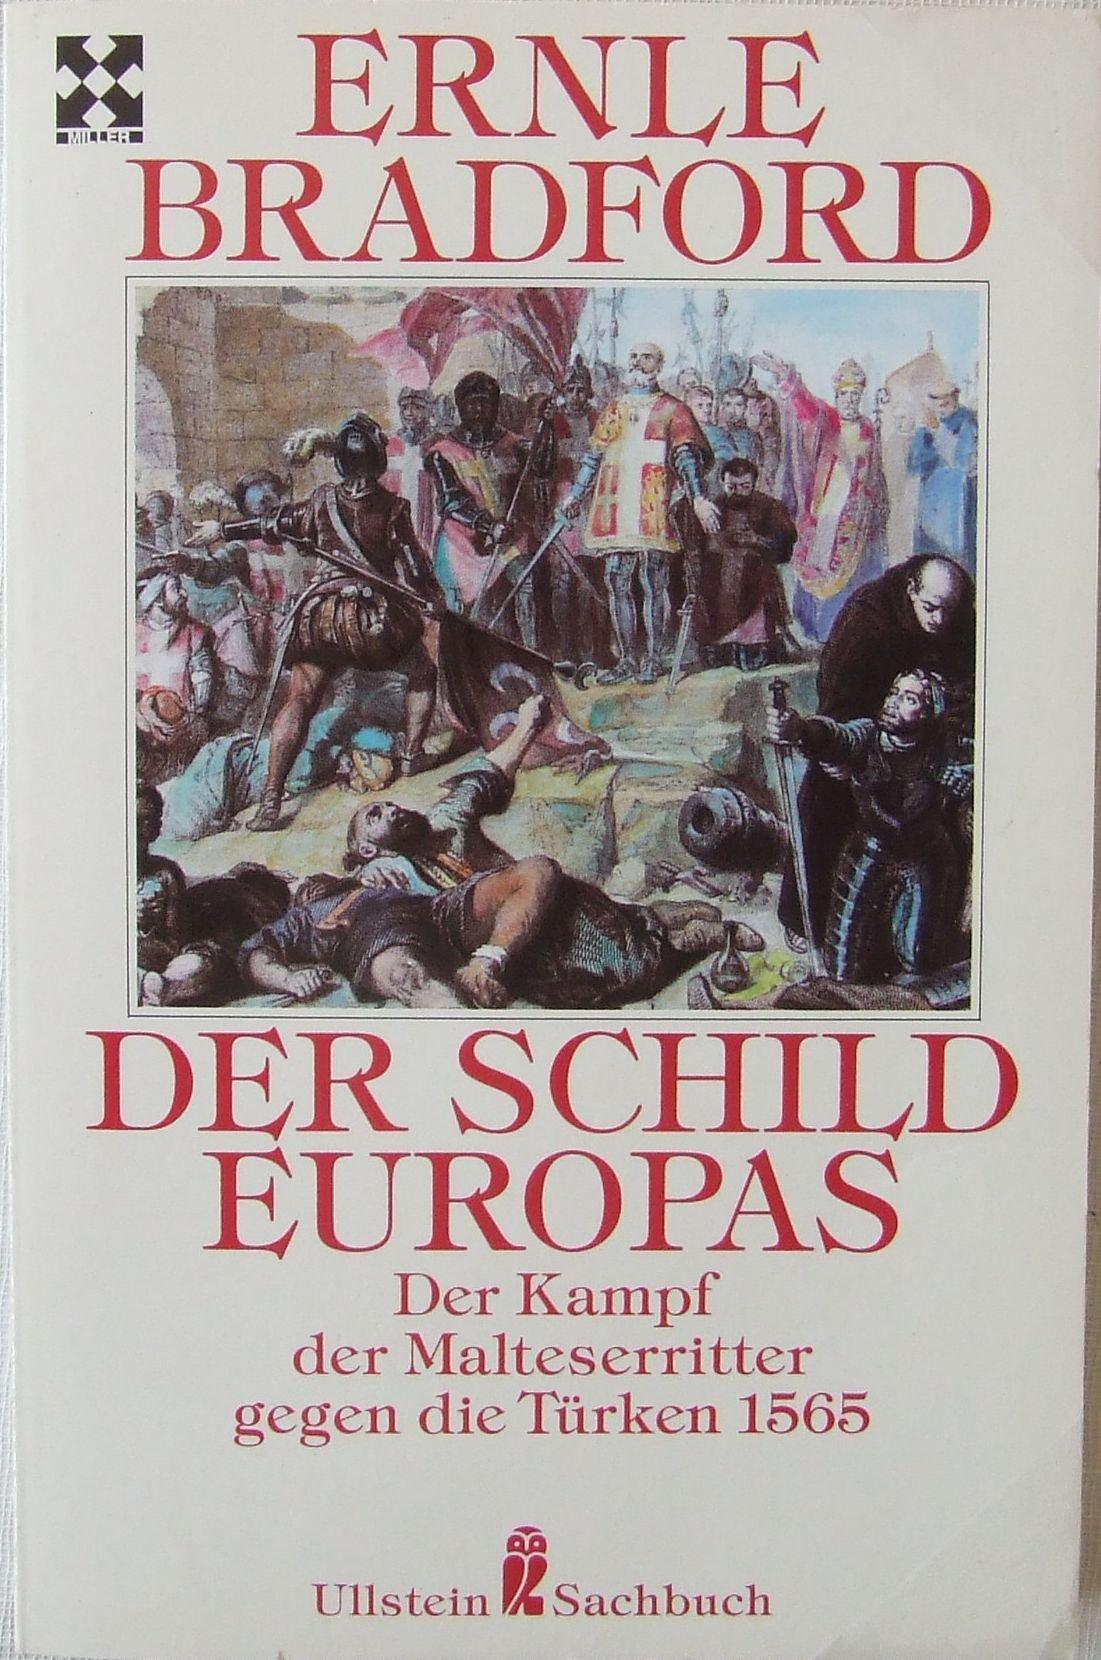 Der Schild Europas